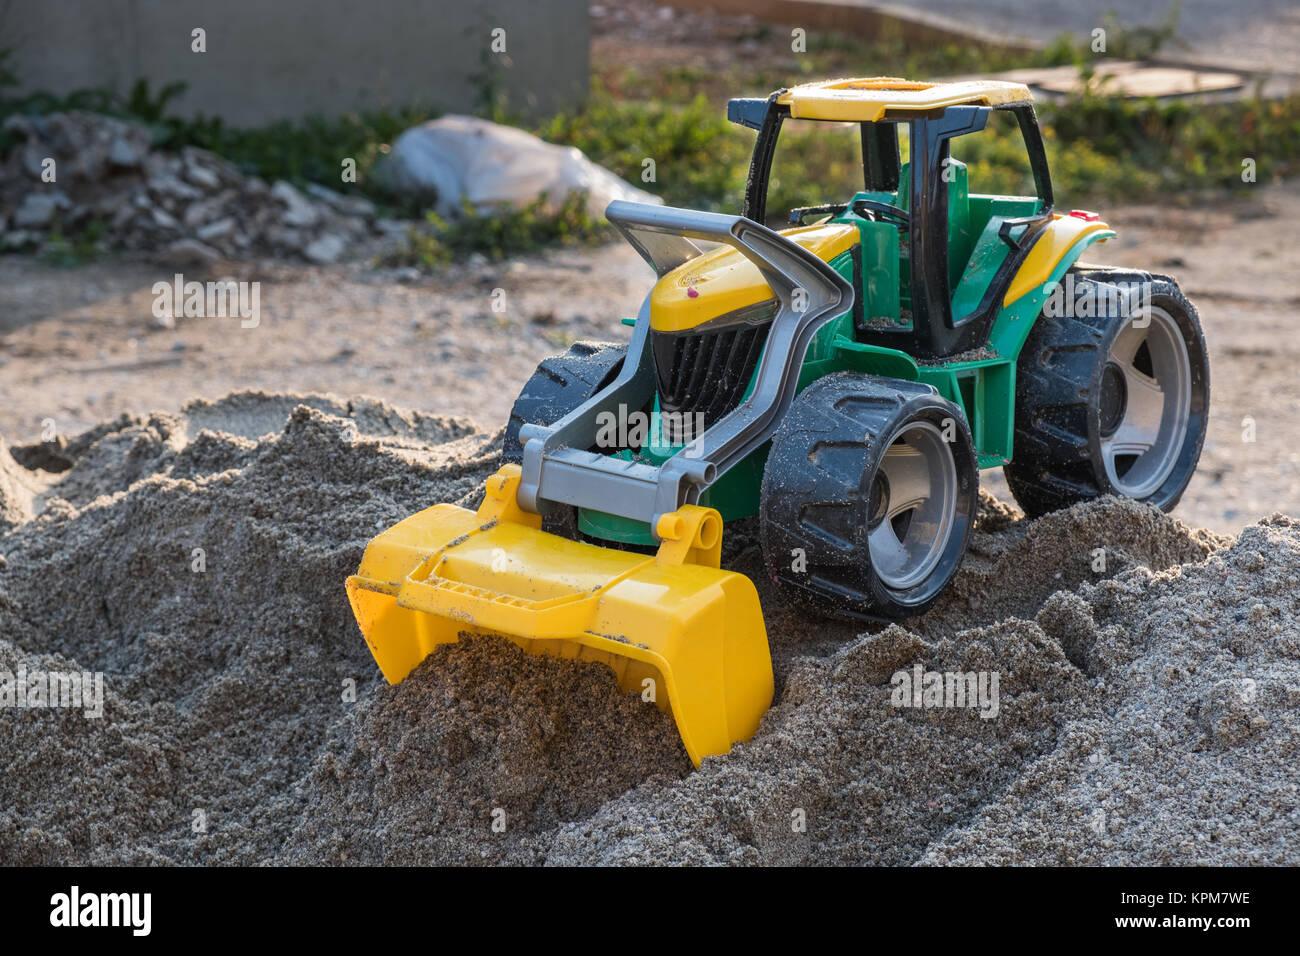 Kunststoff spielzeug frontlader auf der oberseite der sand stapel